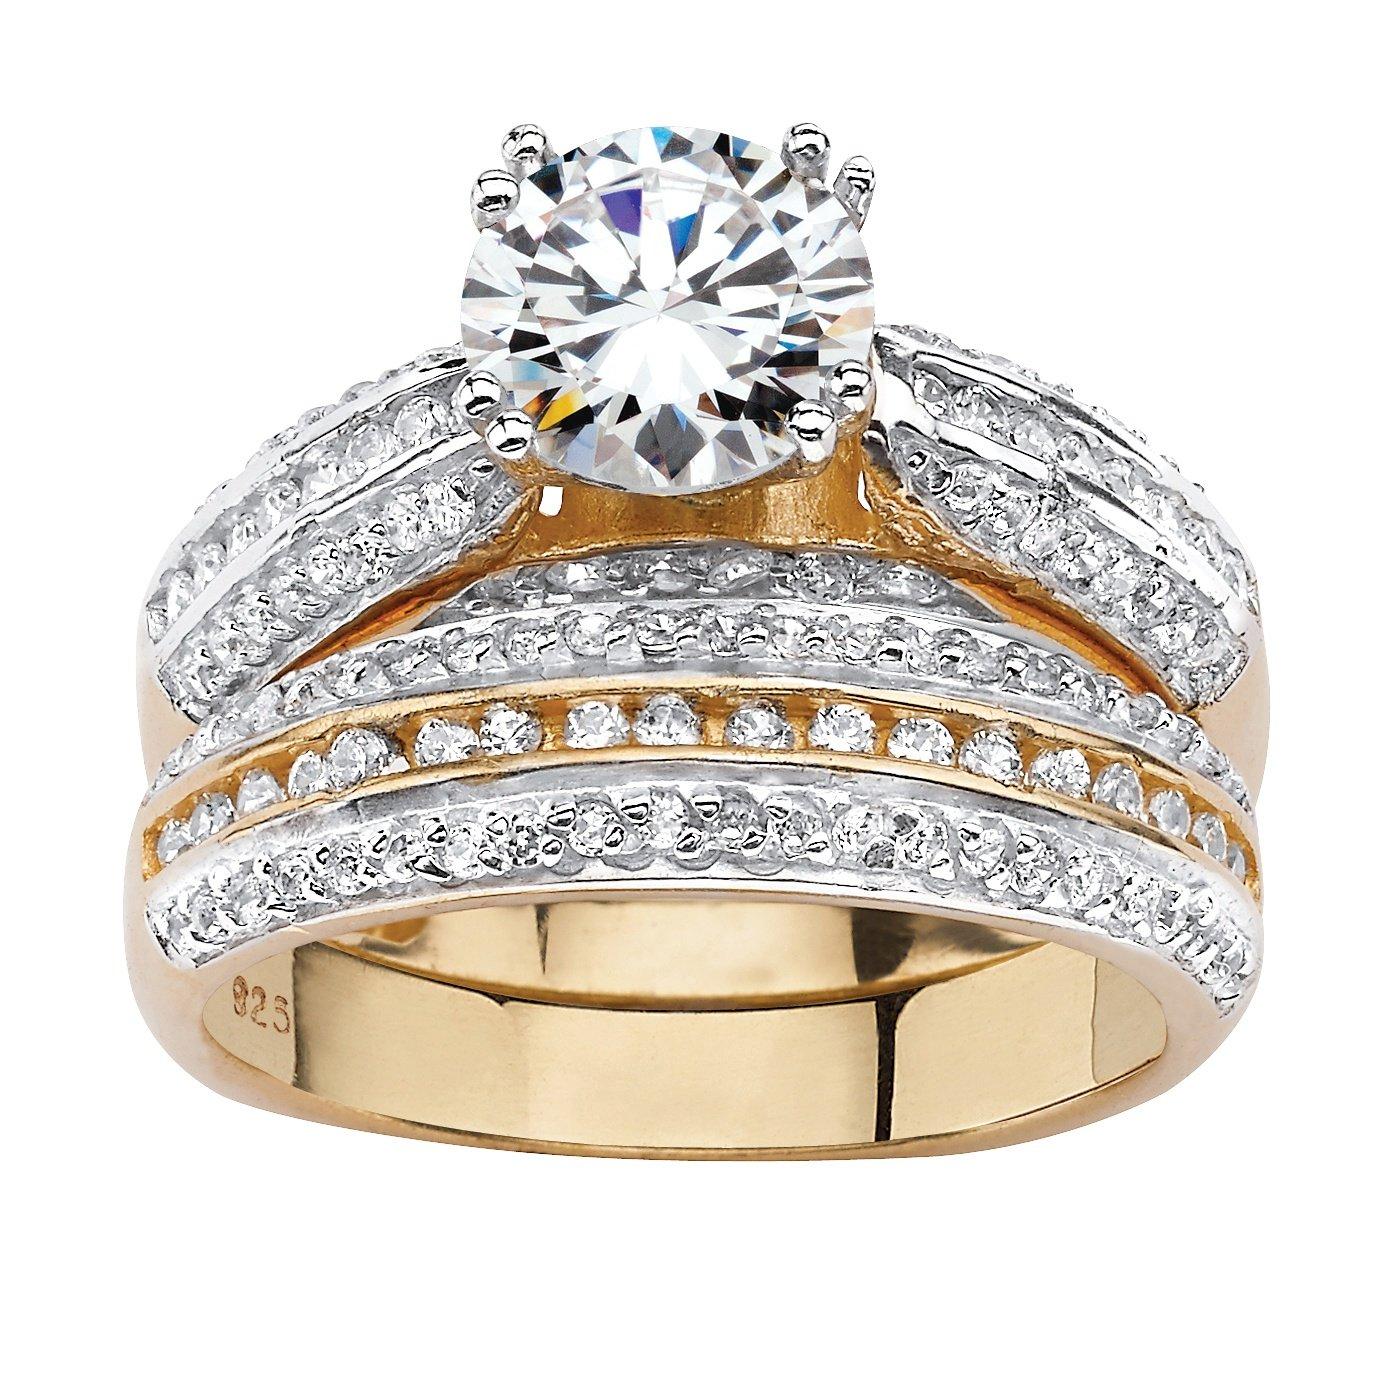 Palm Beach Jewelry - Set anillos boda para novia - Oro 18k y plata de ley- Circonitas cúbicas - TCW 2,55 - 9 (15,60 mm): Amazon.es: Joyería